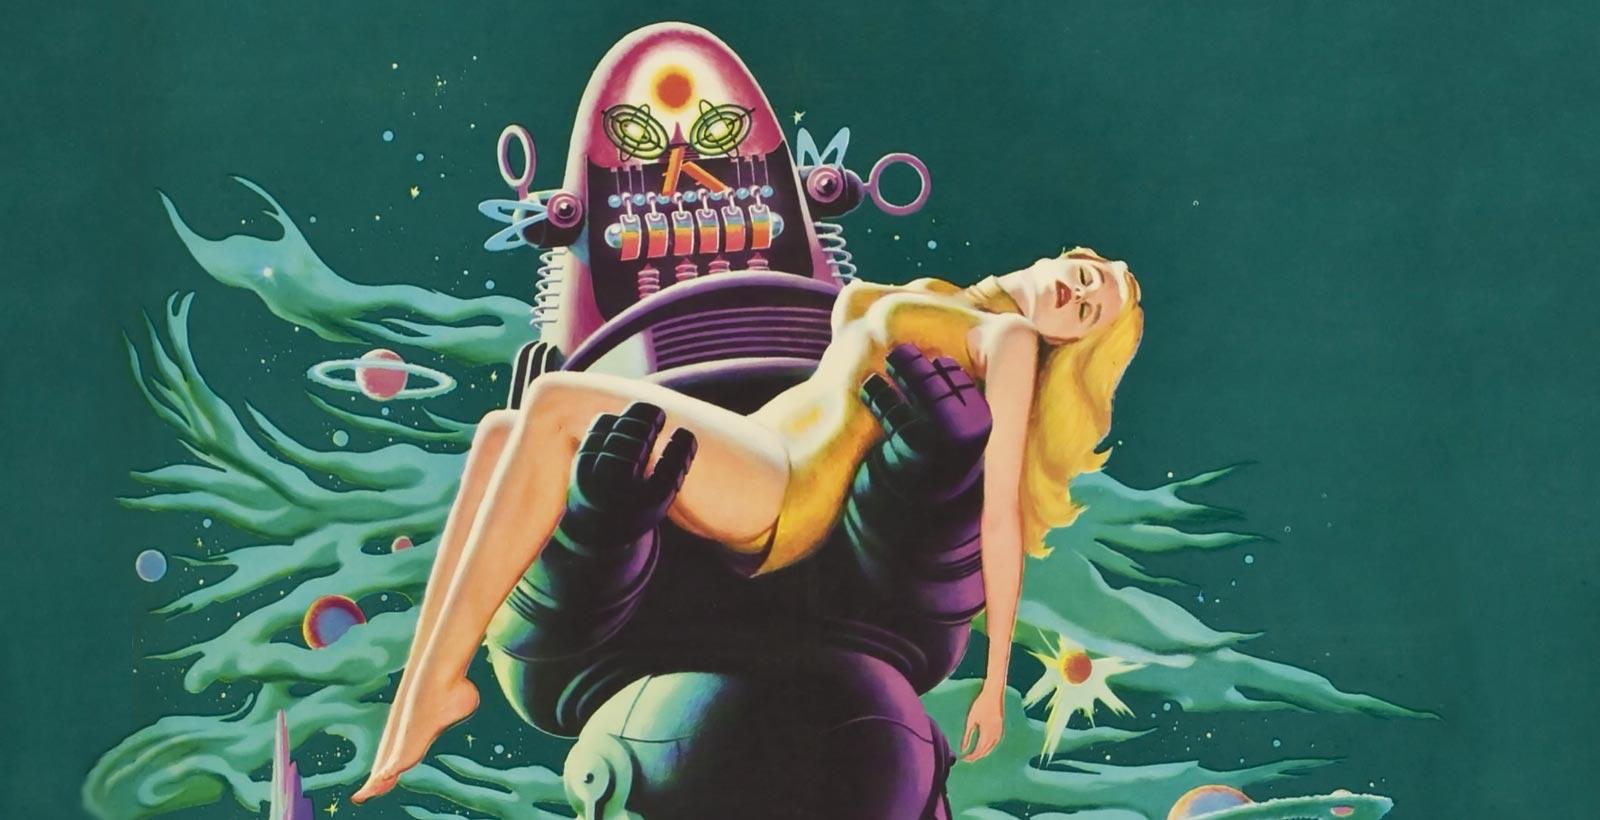 Tirée de l'affiche originale du film Forbidden Planet (Image : MGM).